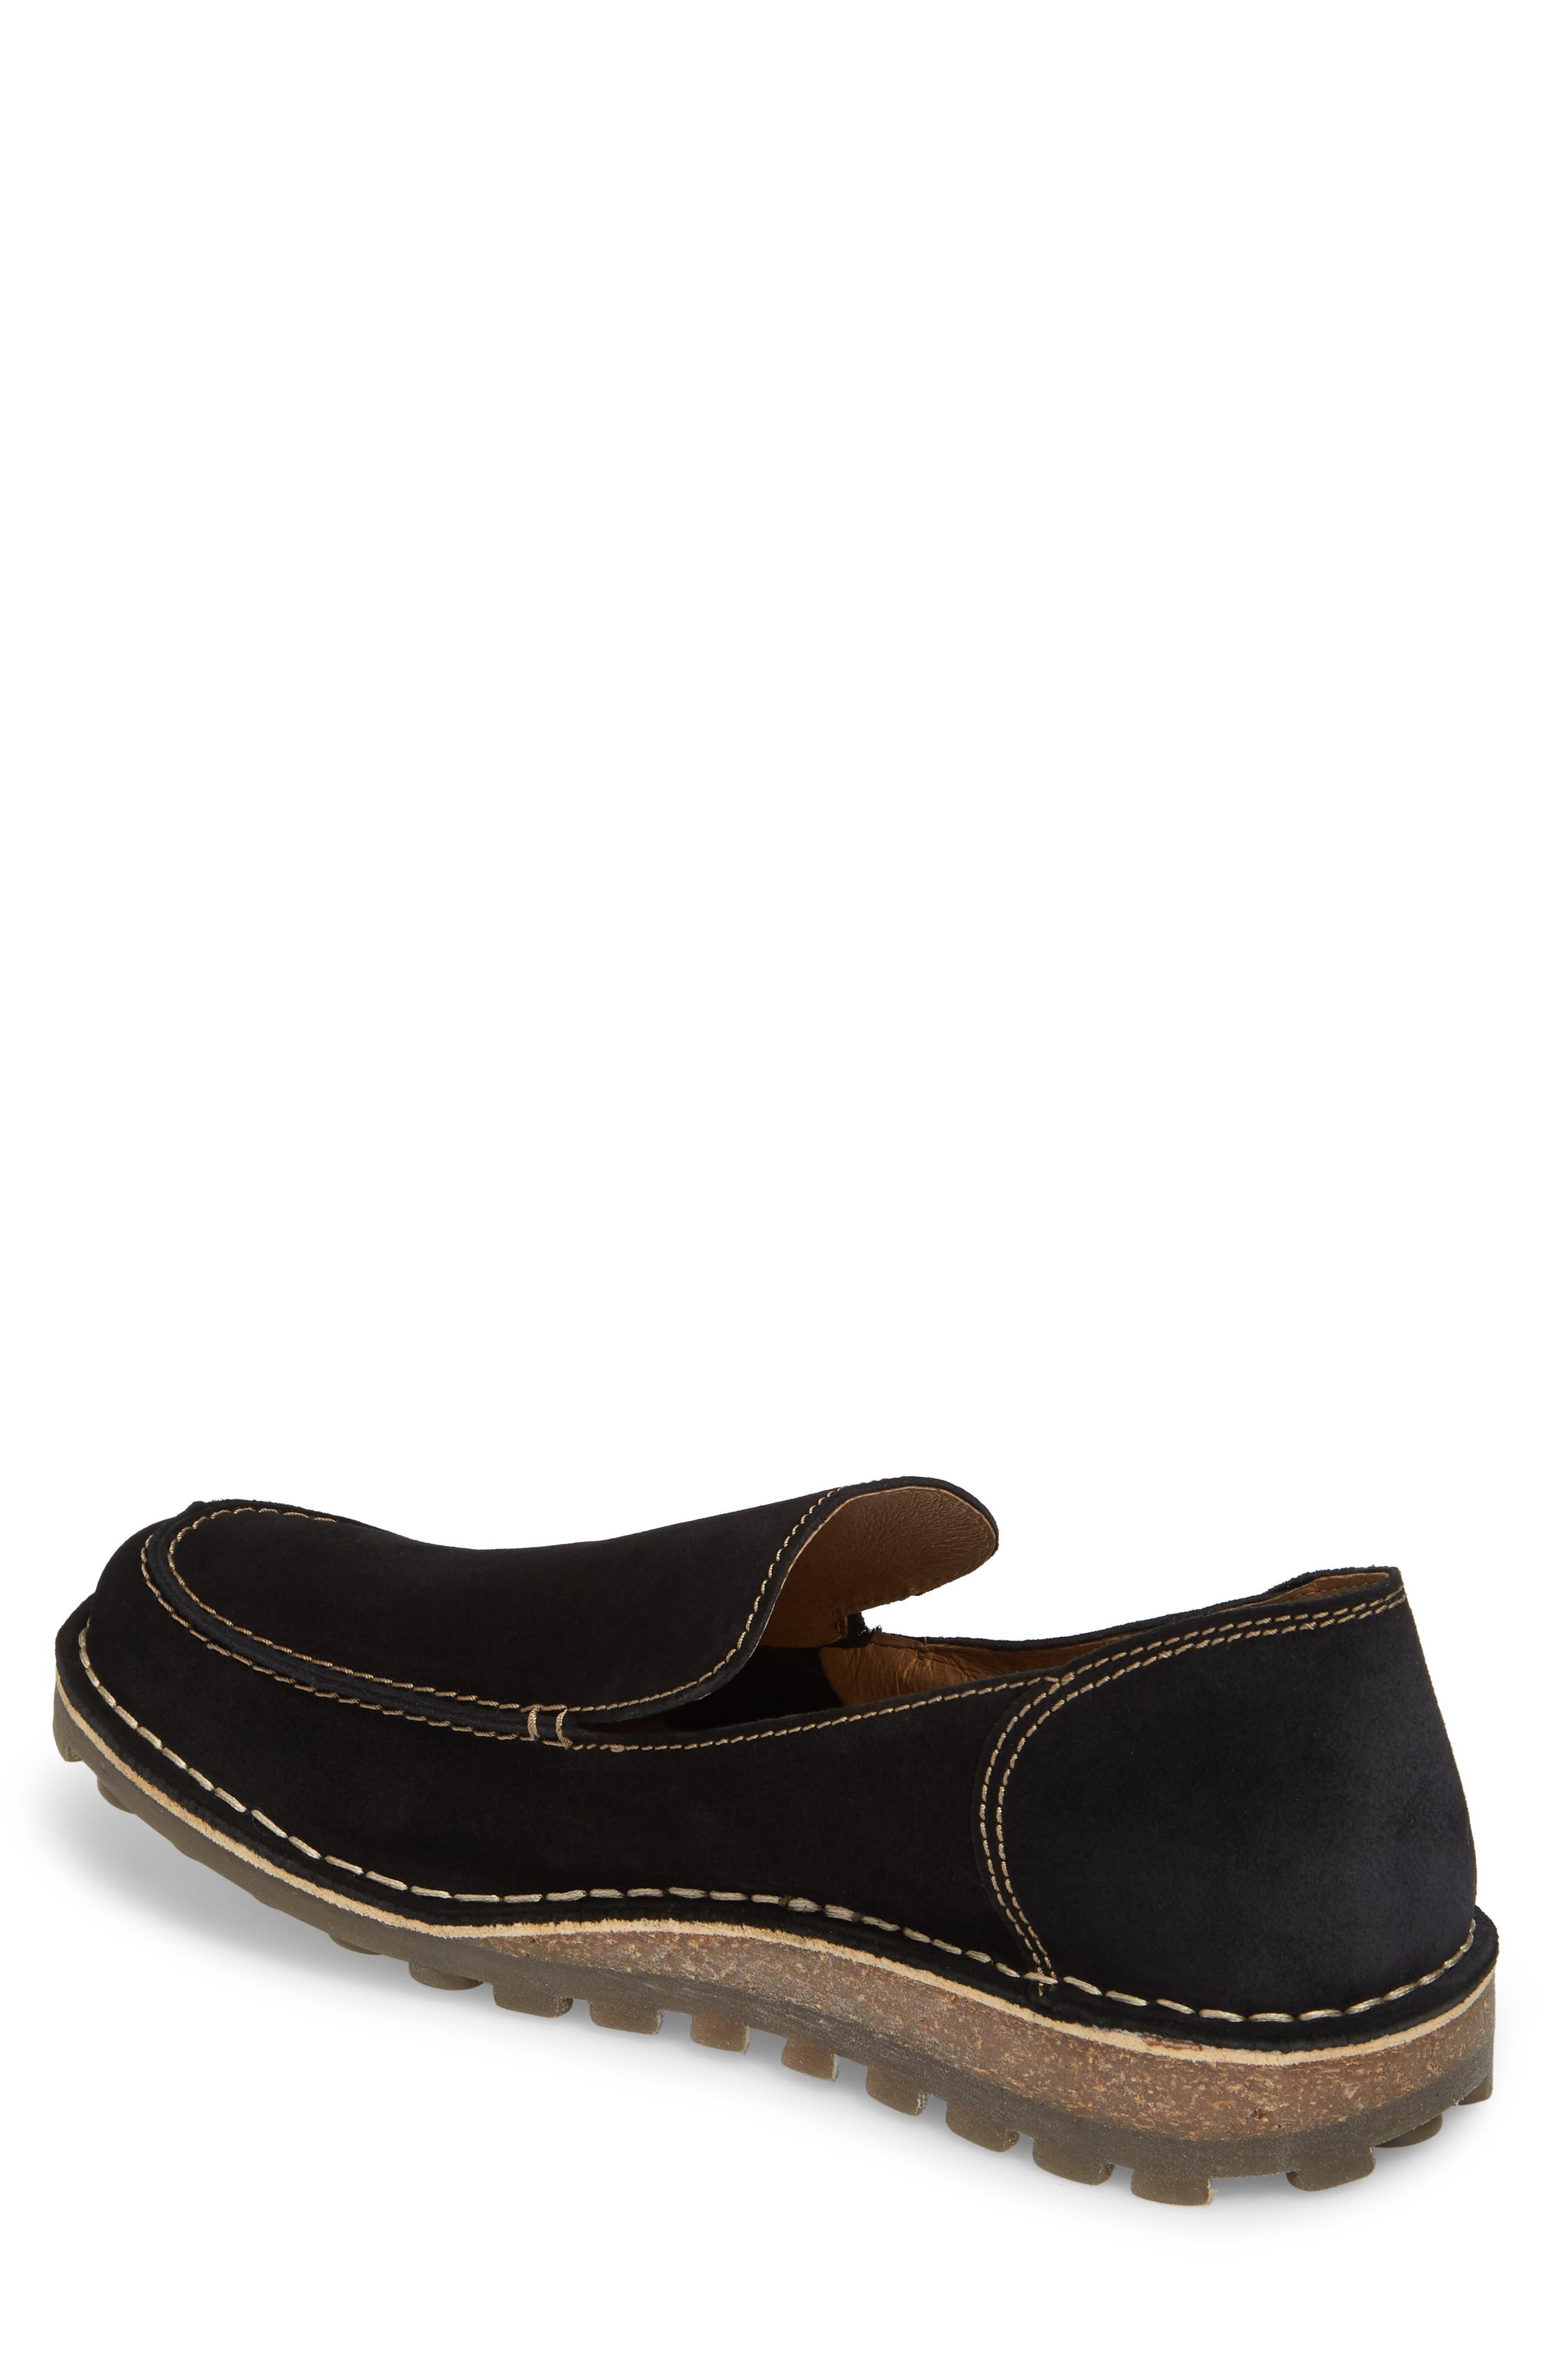 Meve Moc Toe Loafer,                             Alternate thumbnail 2, color,                             BLACK SUEDE